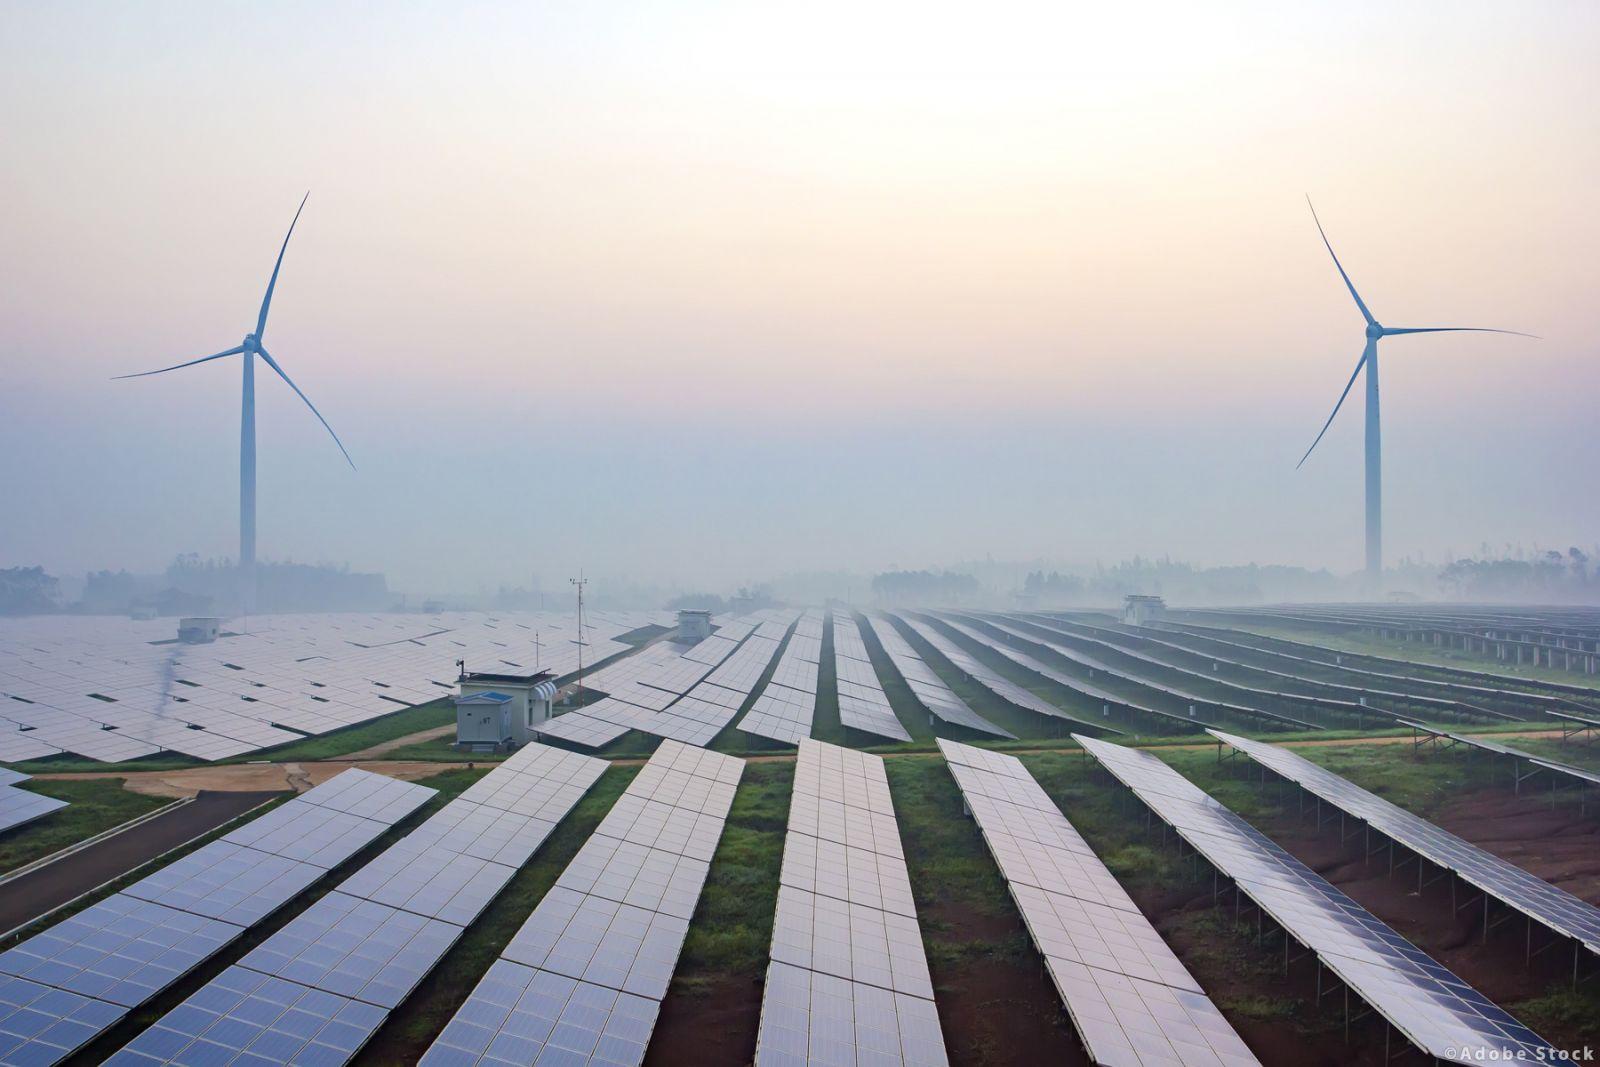 Νόμος για το κλίμα: αύξηση στο 60% του στόχου μείωσης των εκπομπών ως το 2030